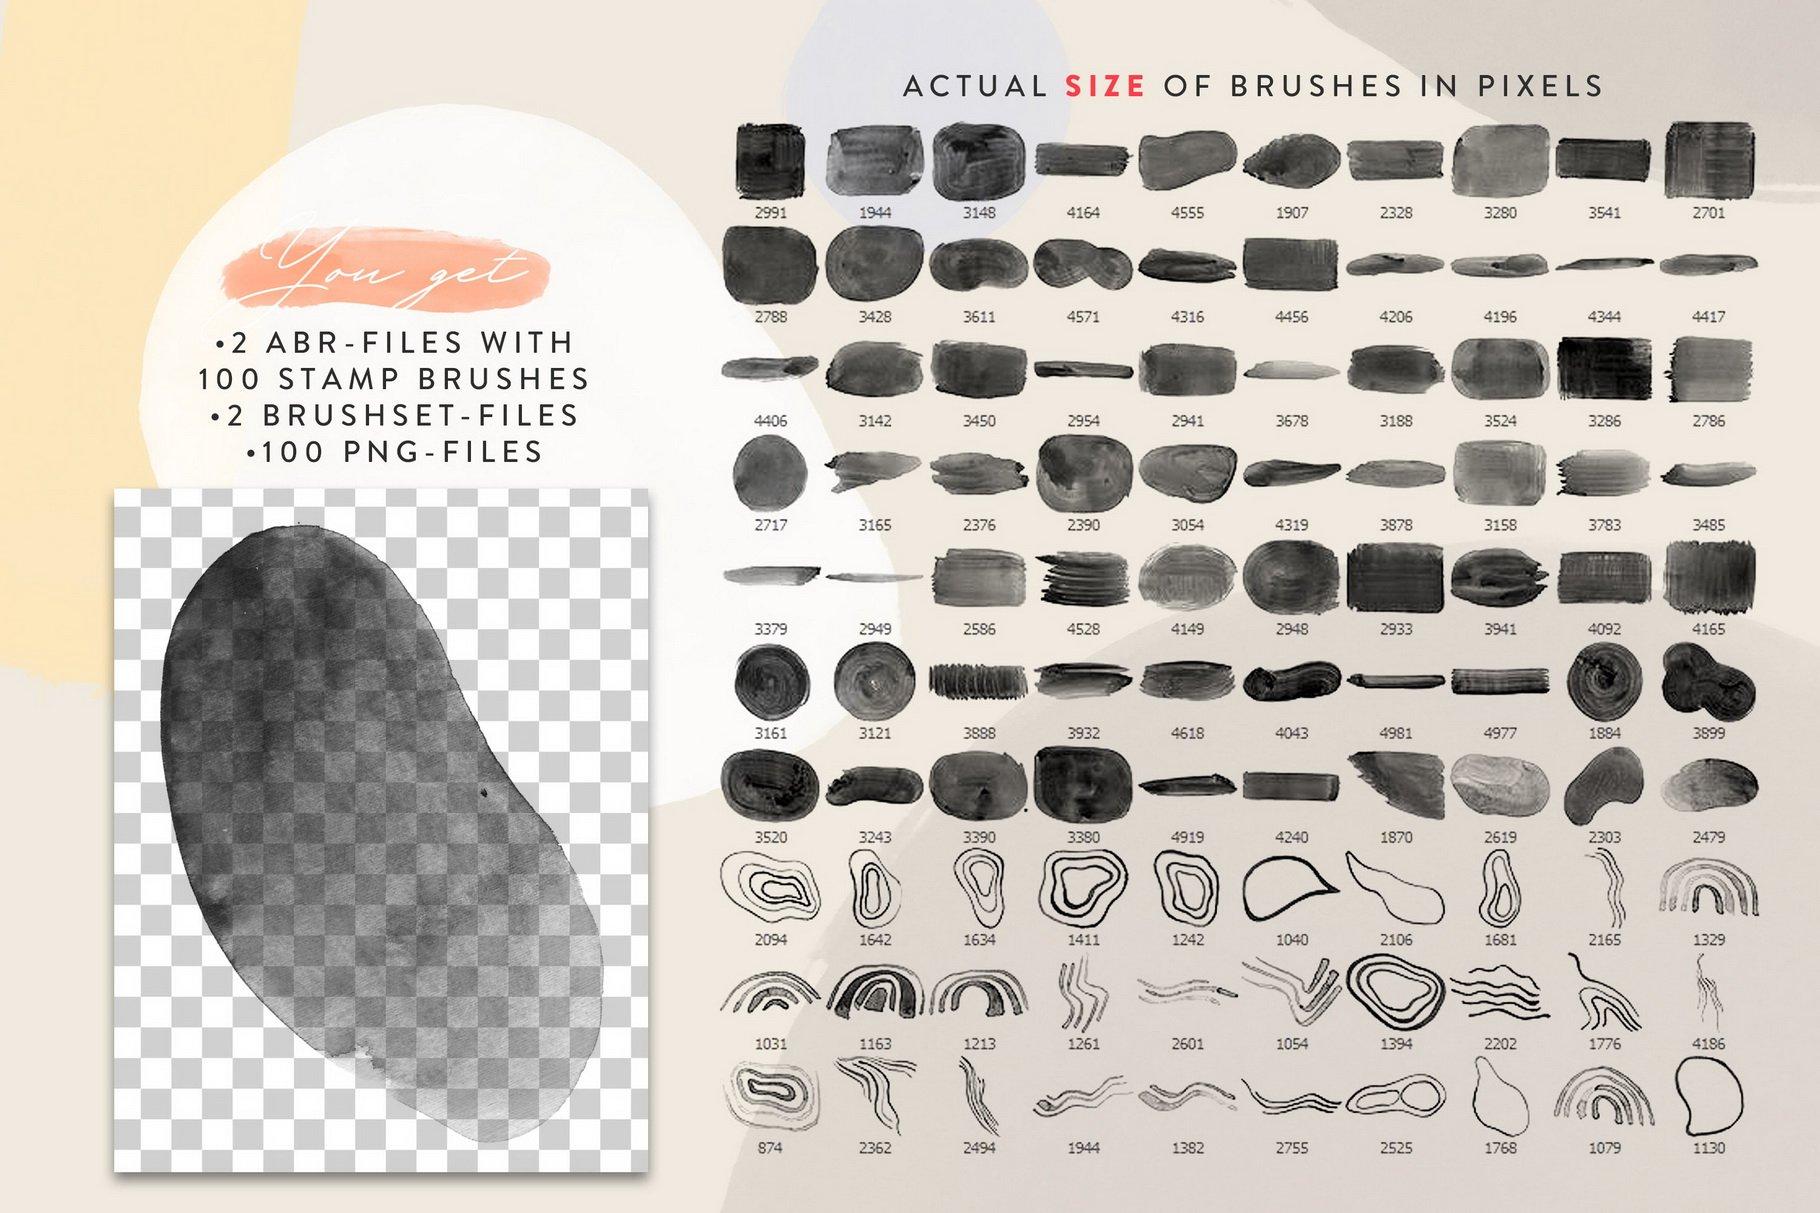 100款手绘水粉水彩丙烯酸Procreate笔刷 Tectonic Procreate Brushes插图(4)